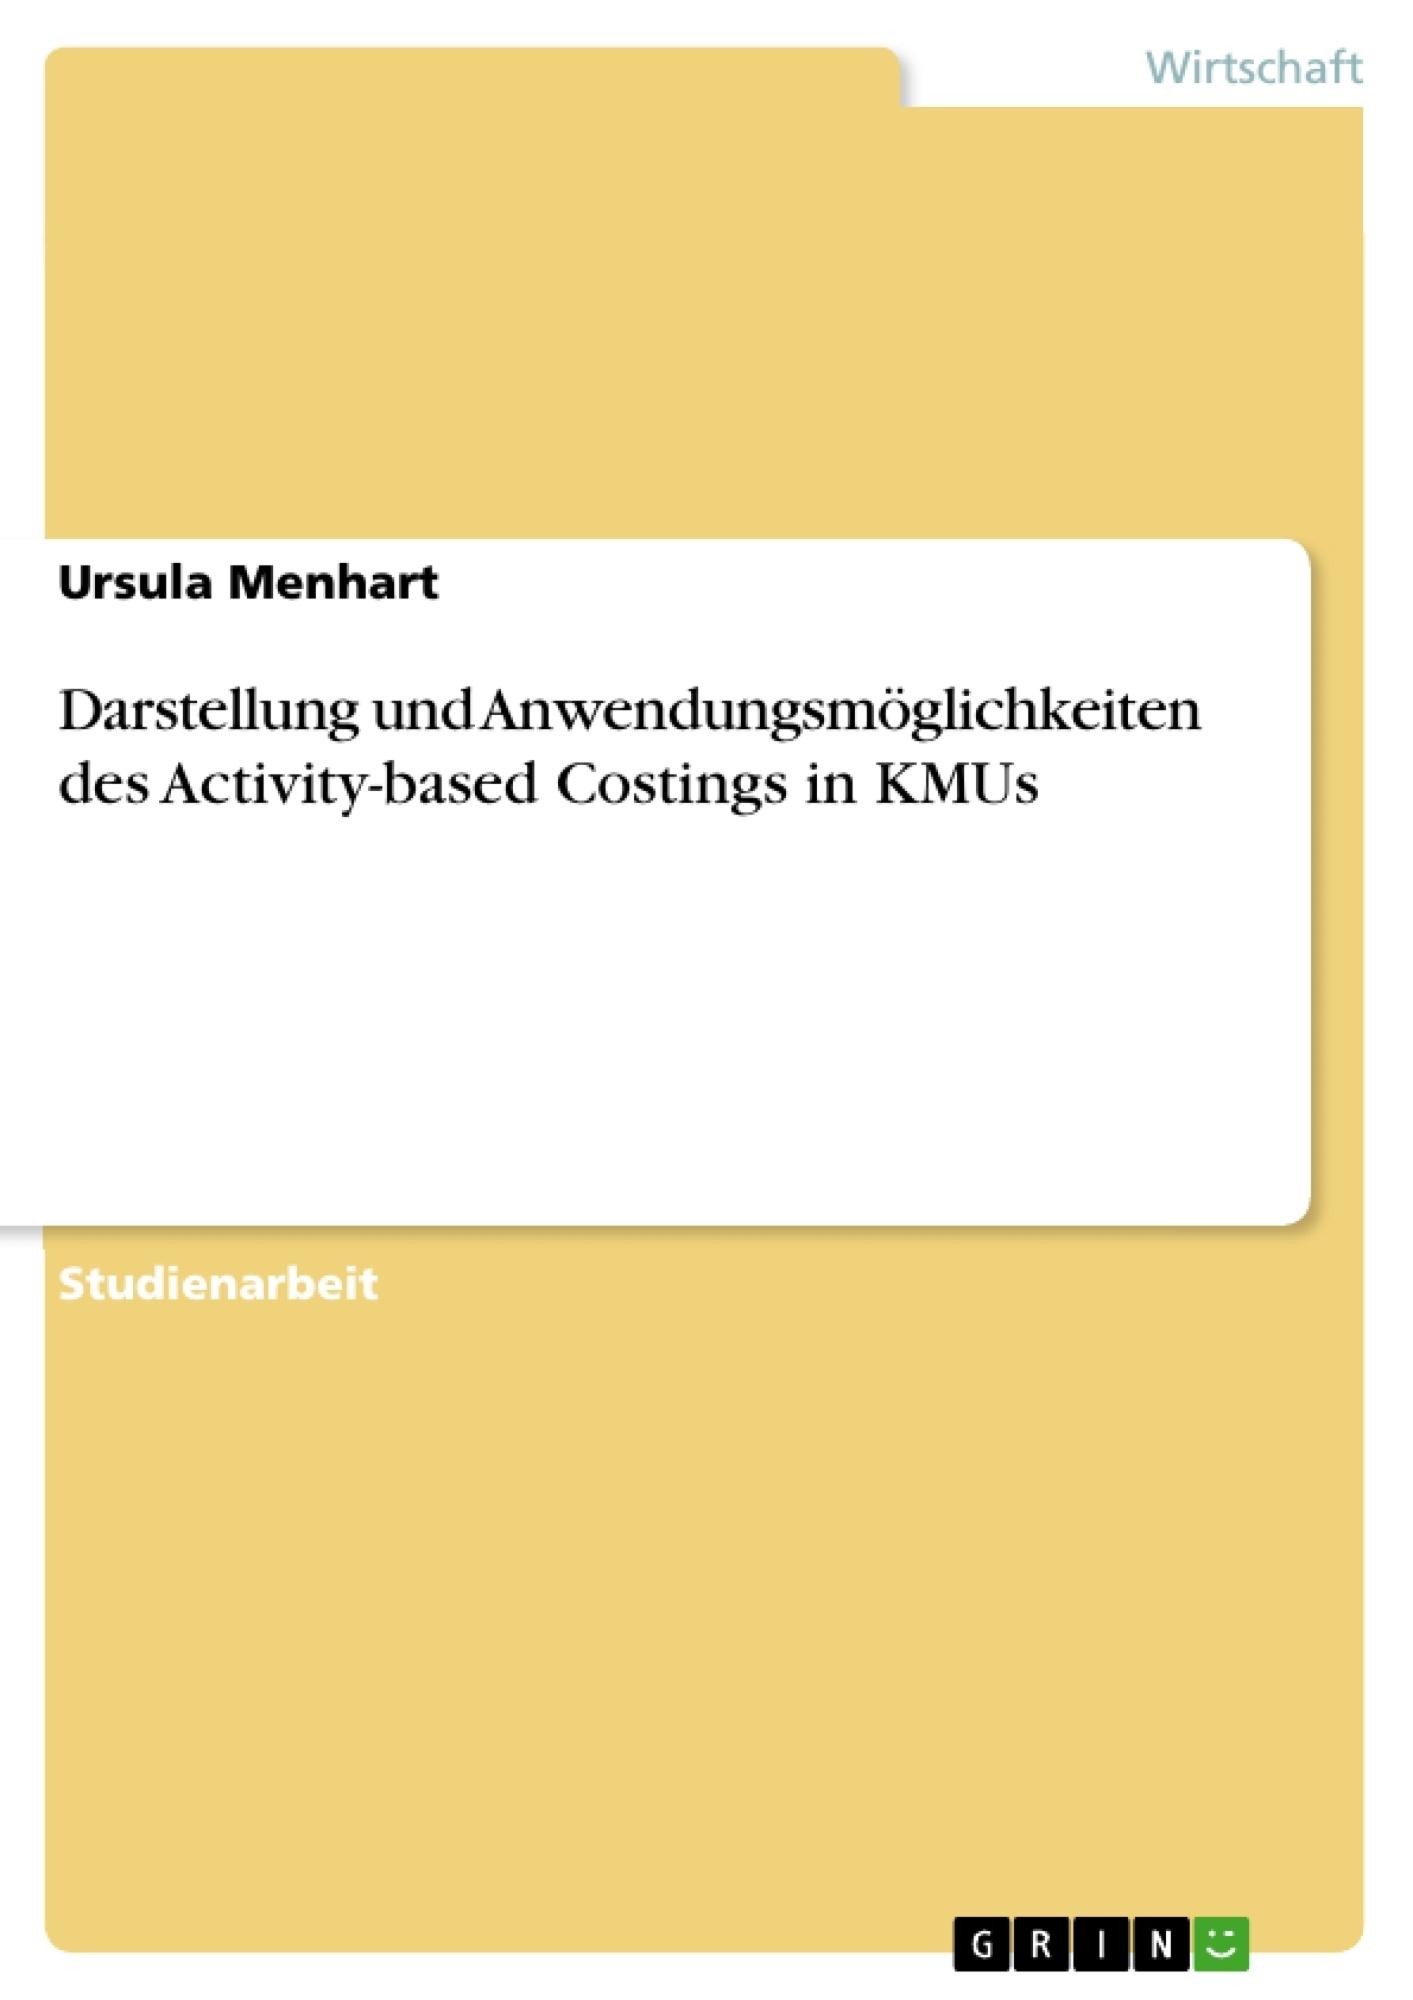 Titel: Darstellung und Anwendungsmöglichkeiten des Activity-based Costings in KMUs